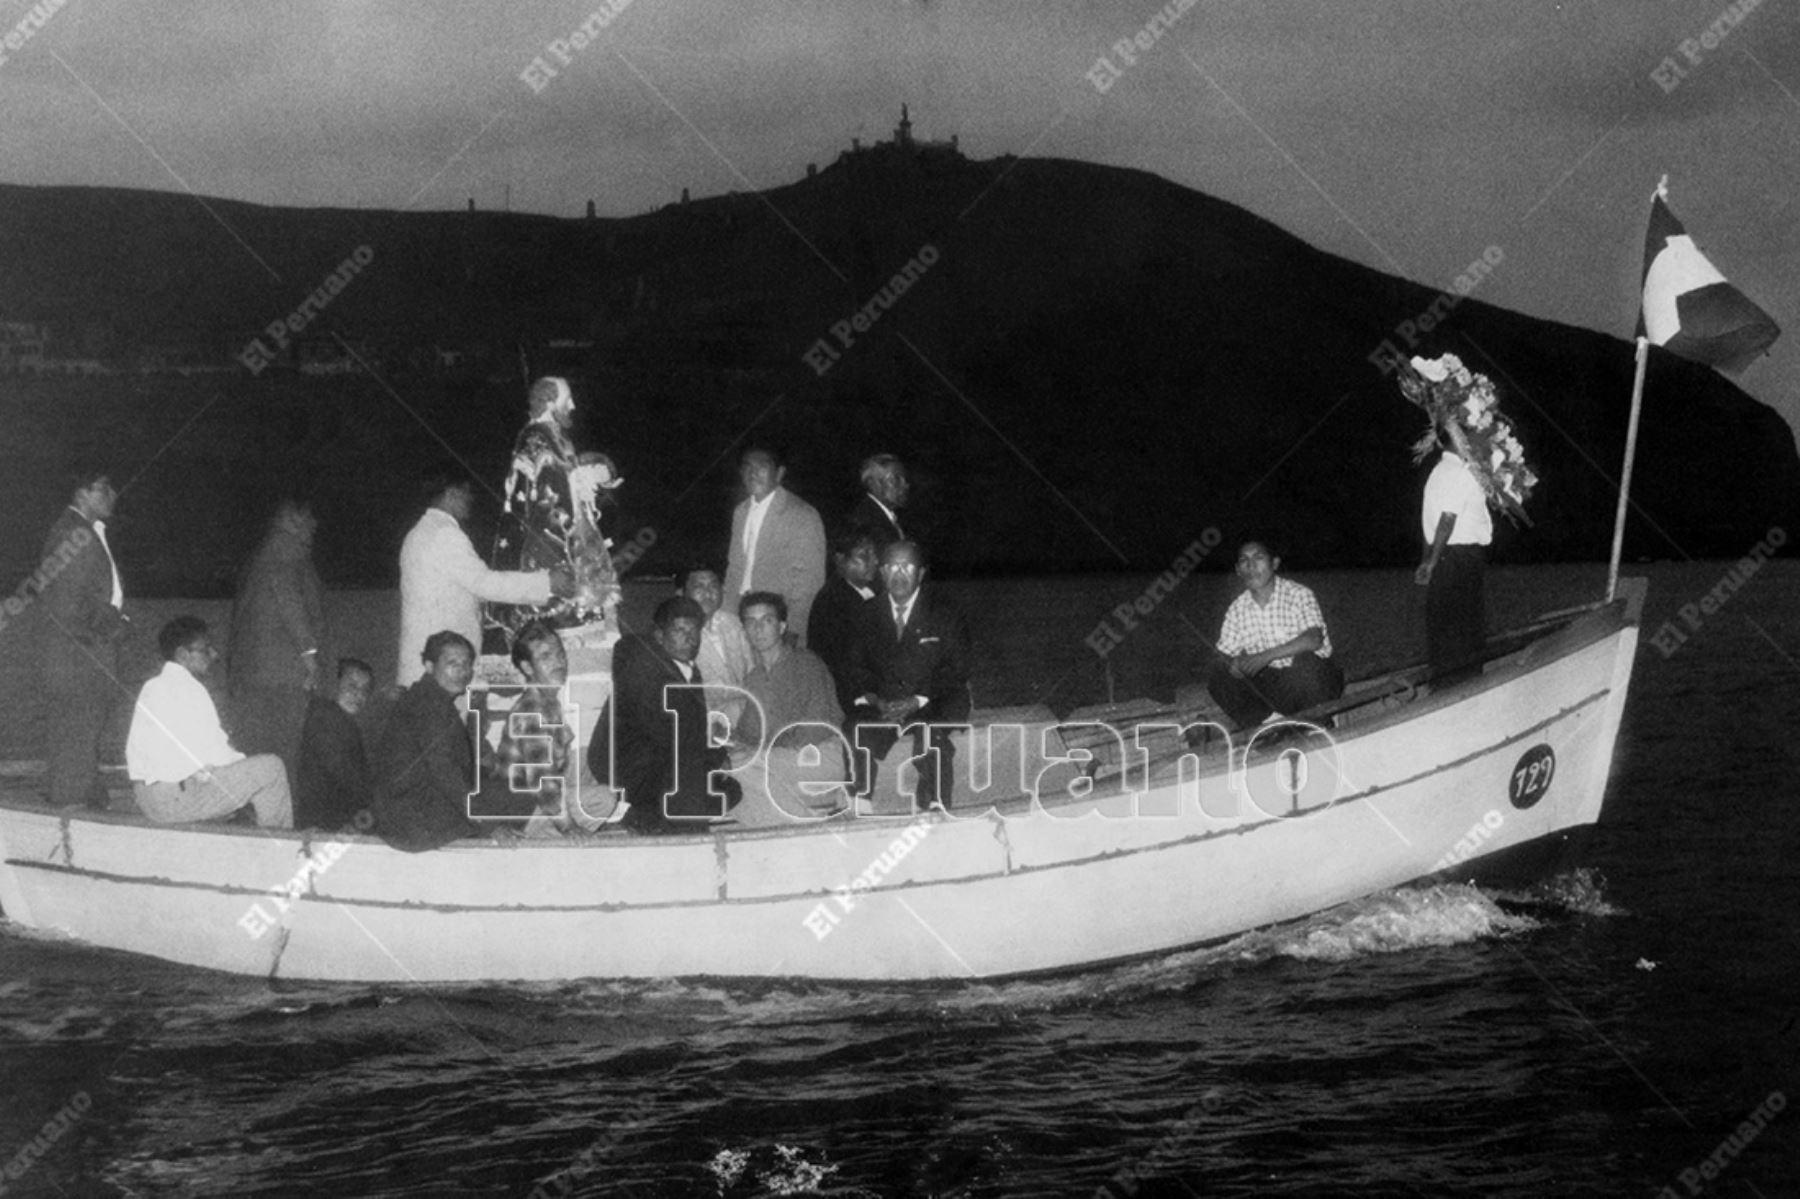 Lima - 29 junio 1957  / Procesión de San Pedro y Día del Pescador en el mar de Chorrillos.    Foto: Archivo Histórico de El Peruano / Alejandro Meza